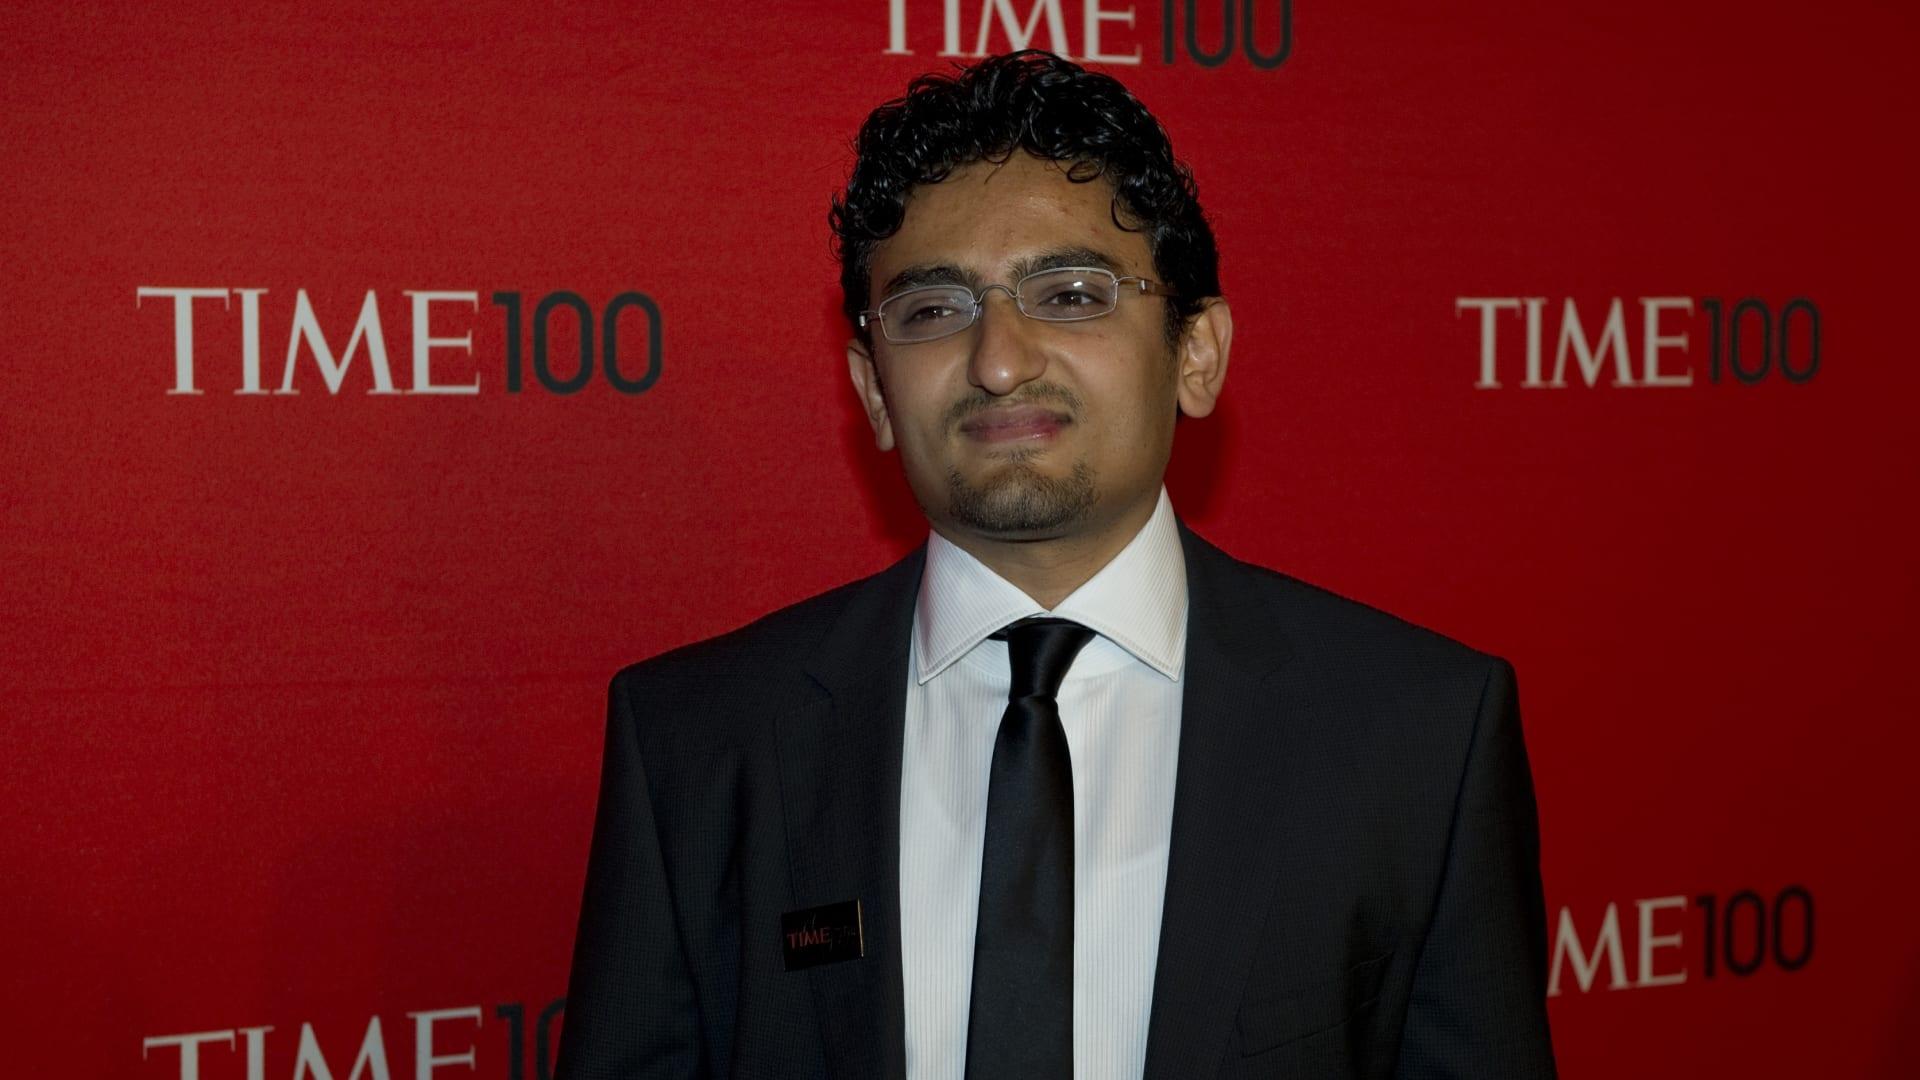 صورة أرشيفية لوائل غنيم عند حضوره قائمة أكثر 100 شخصية تأثيرا بالعالم للتايمز العام 2011